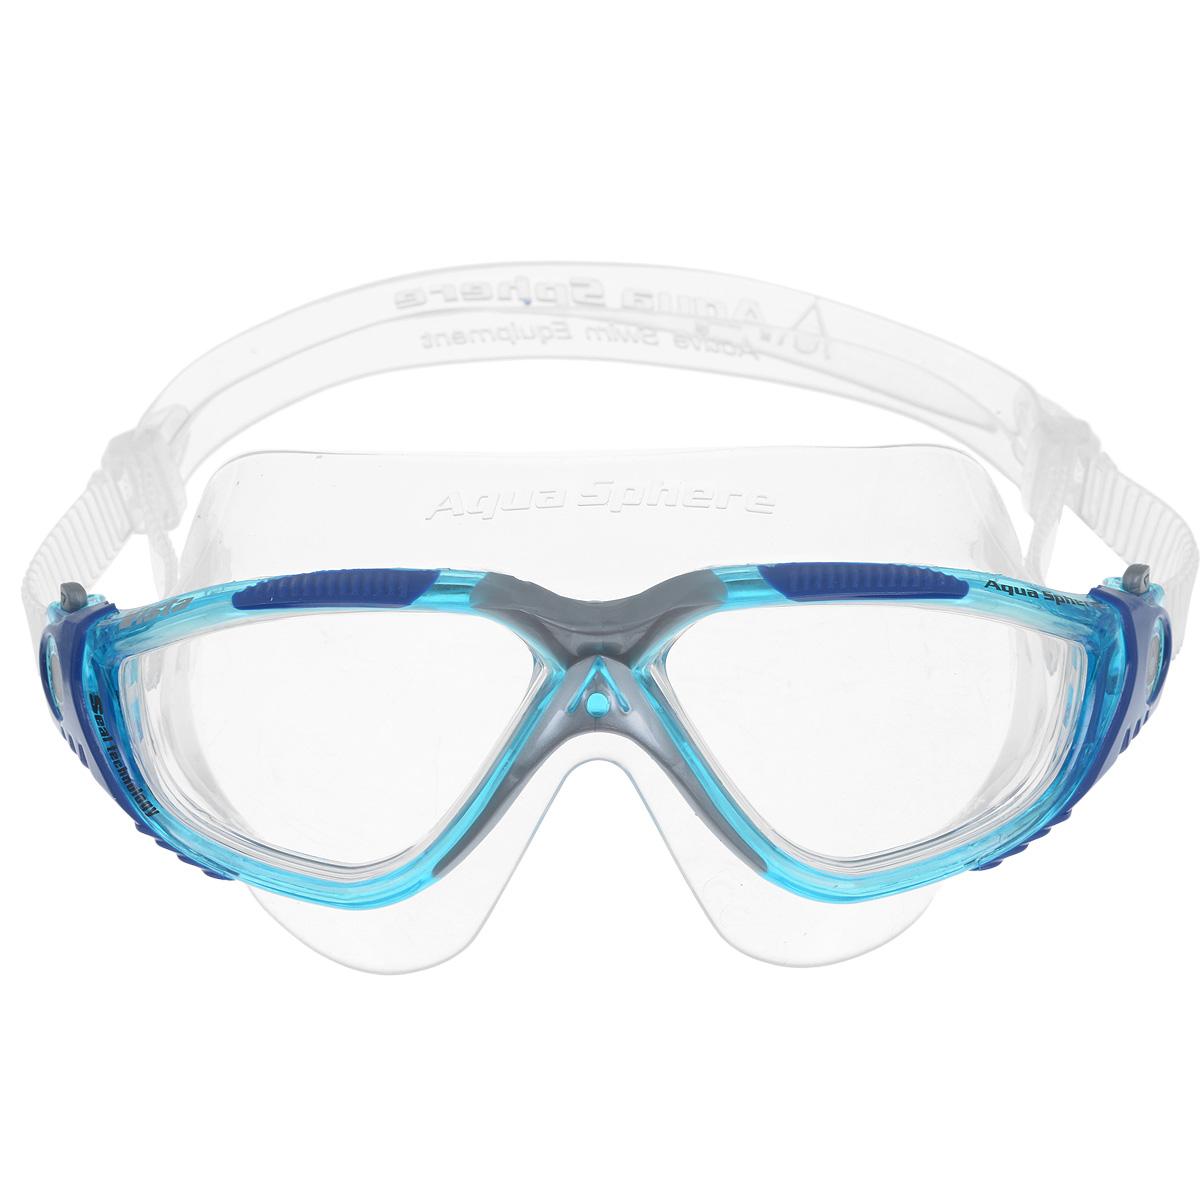 Очки для плавания Aqua Sphere Vista, цвет: аквамарин, синийTN 169610Очки Aqua Sphere Vista имеют исключительно малую парусность, что минимизирует вероятность их сползания во время плавания. Кристально прозрачные полукруглые линзы обеспечивают обзор 180°. Очки дают 100% защиту от ультрафиолетового излучения. Специальное покрытие препятствует запотеванию стекол.Материал: силикон, plexisol.